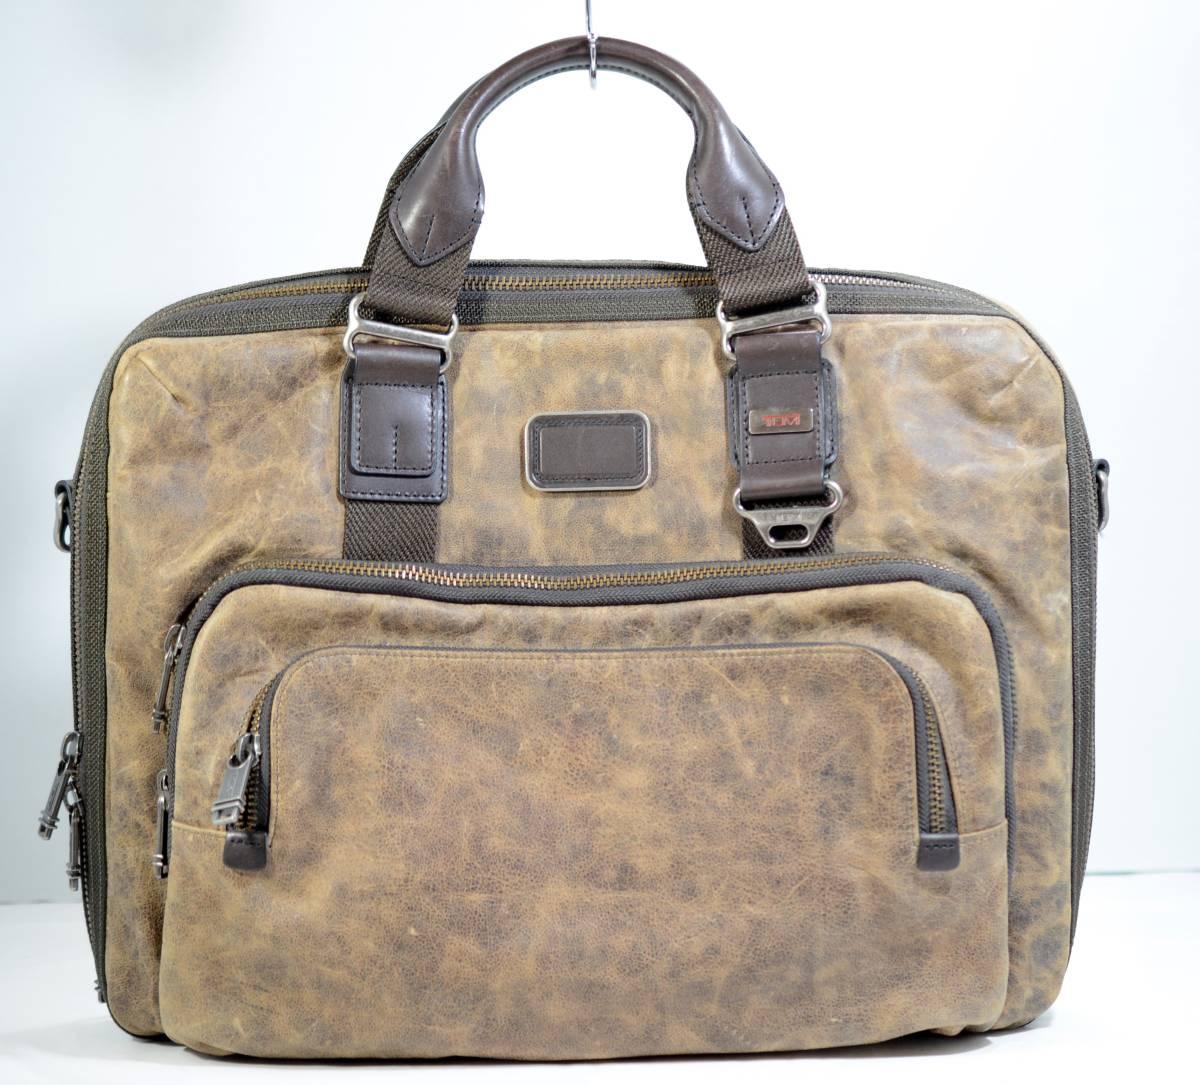 ☆美品 TUMI トゥミ ビジネスバッグ ブリーフケース バッグ 茶色 ブラウン☆高級書類鞄☆_画像1